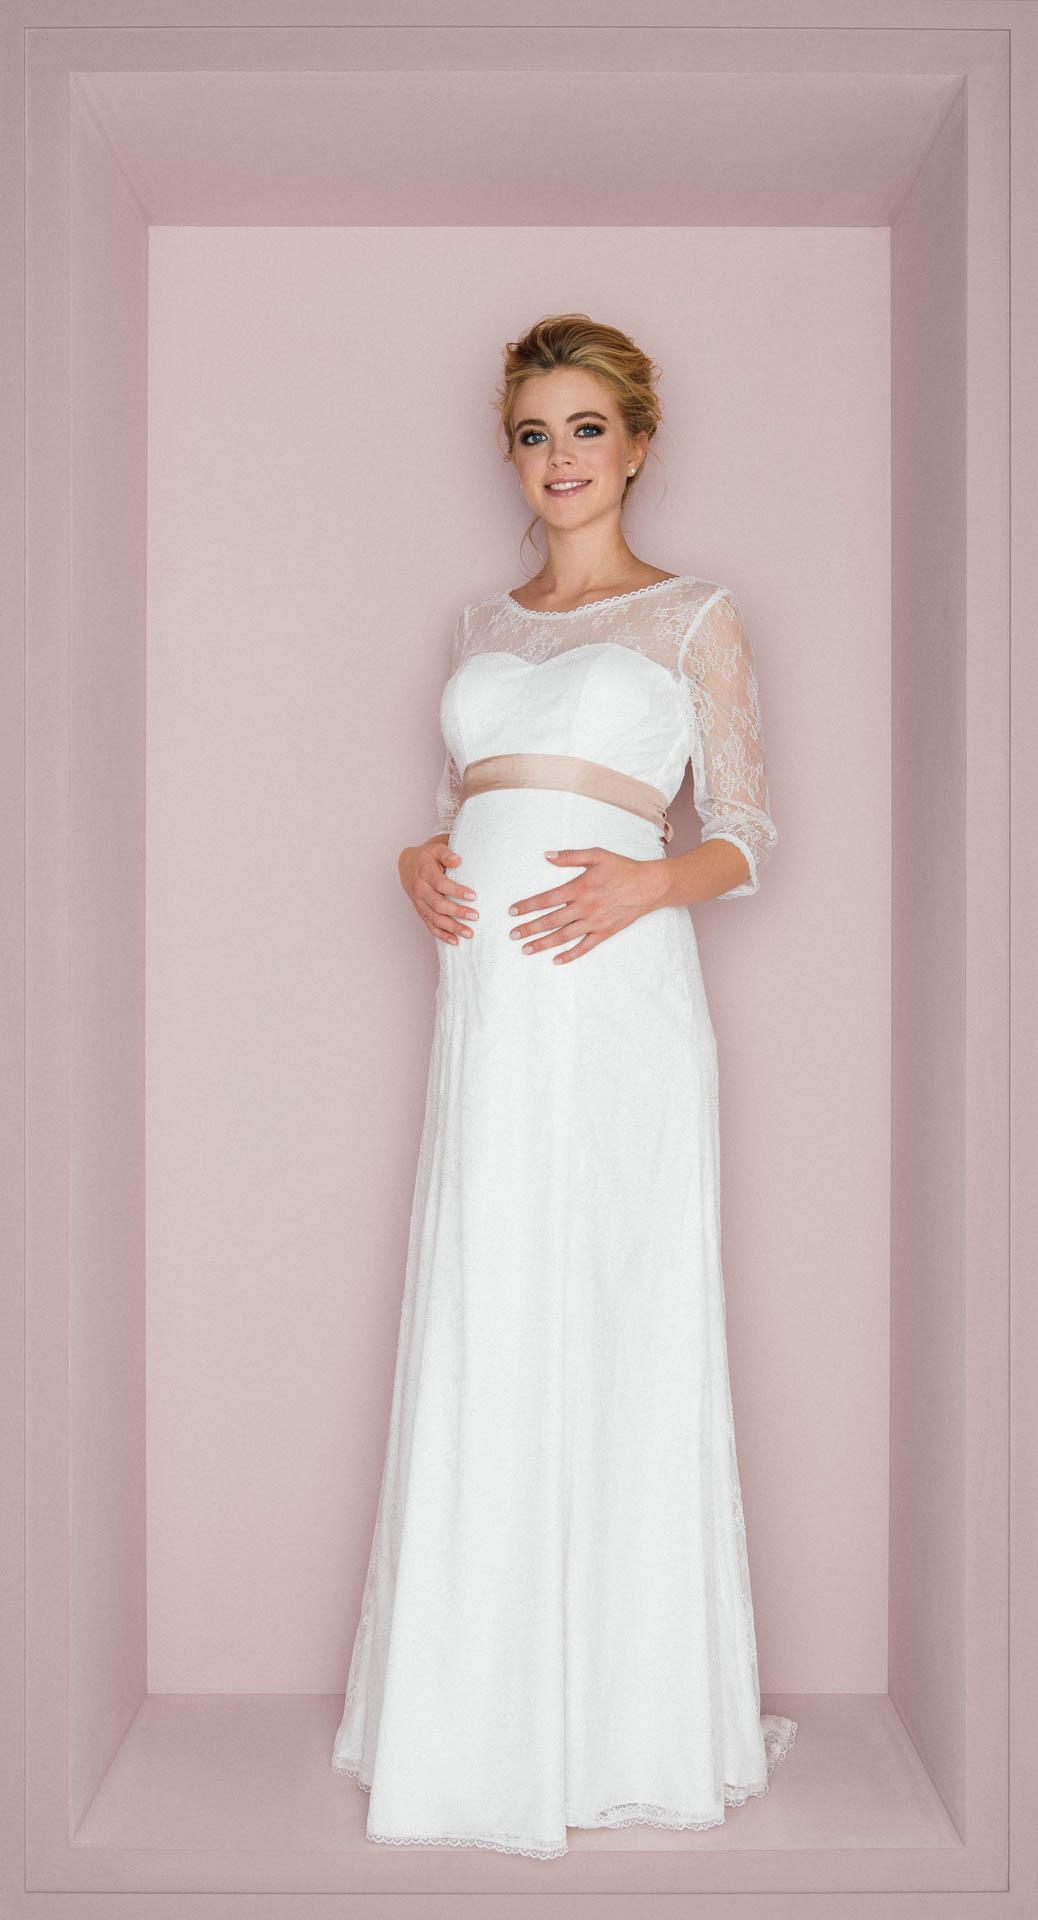 10 Leicht Abendkleid Umstand Galerie20 Leicht Abendkleid Umstand Spezialgebiet